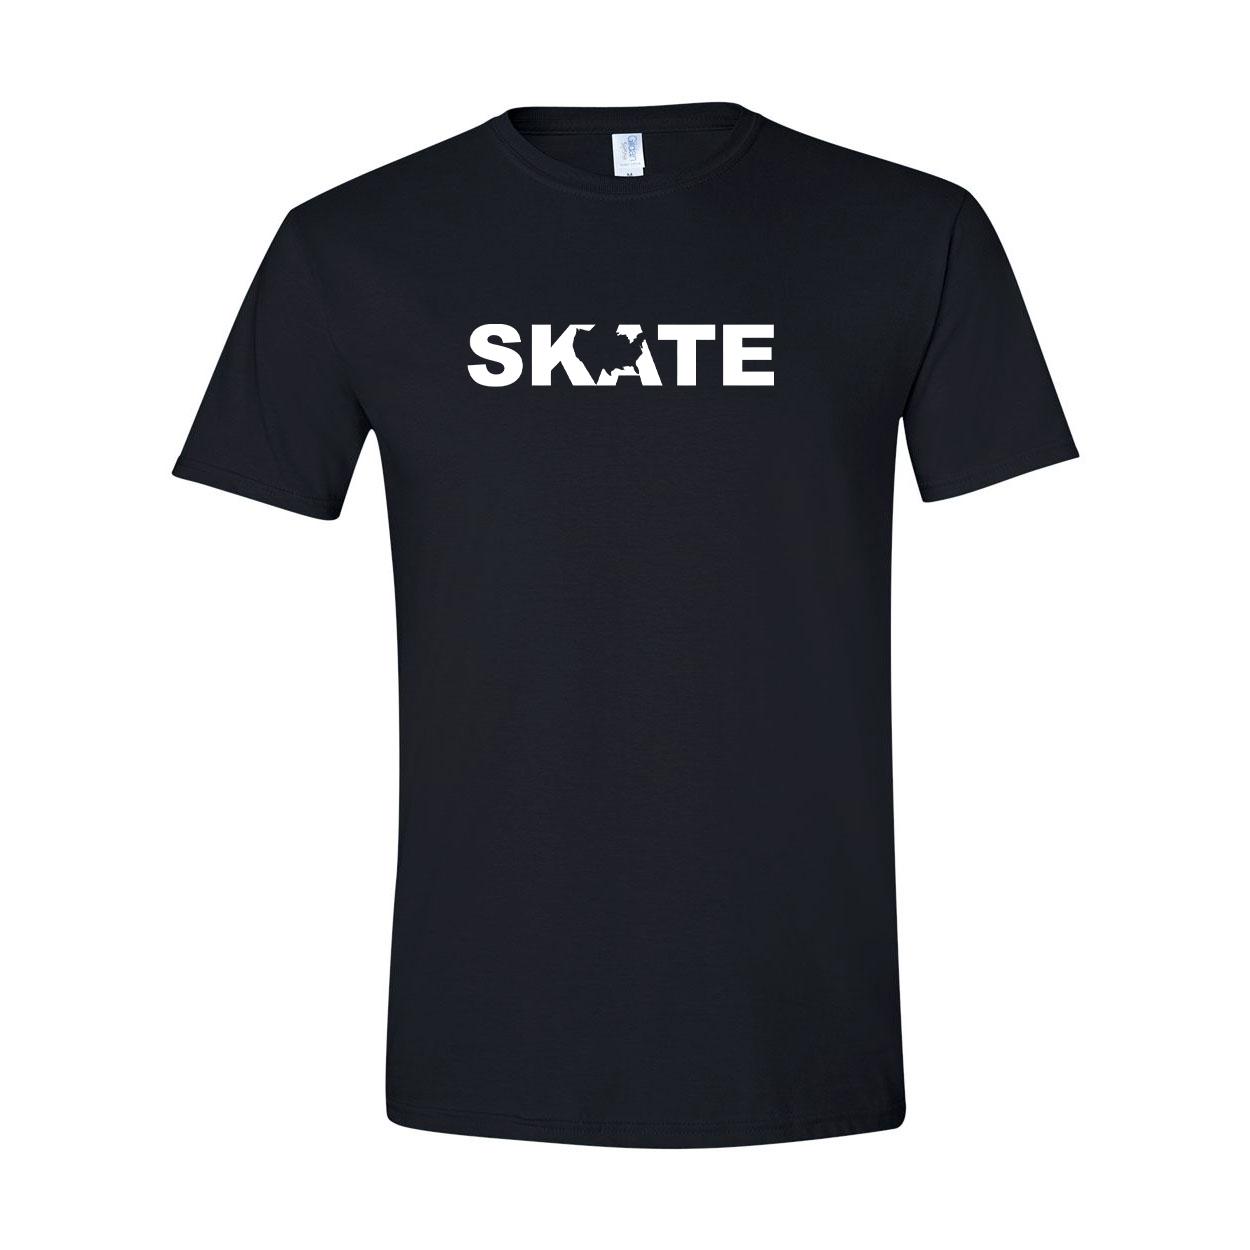 Skate United States Classic T-Shirt Black (White Logo)